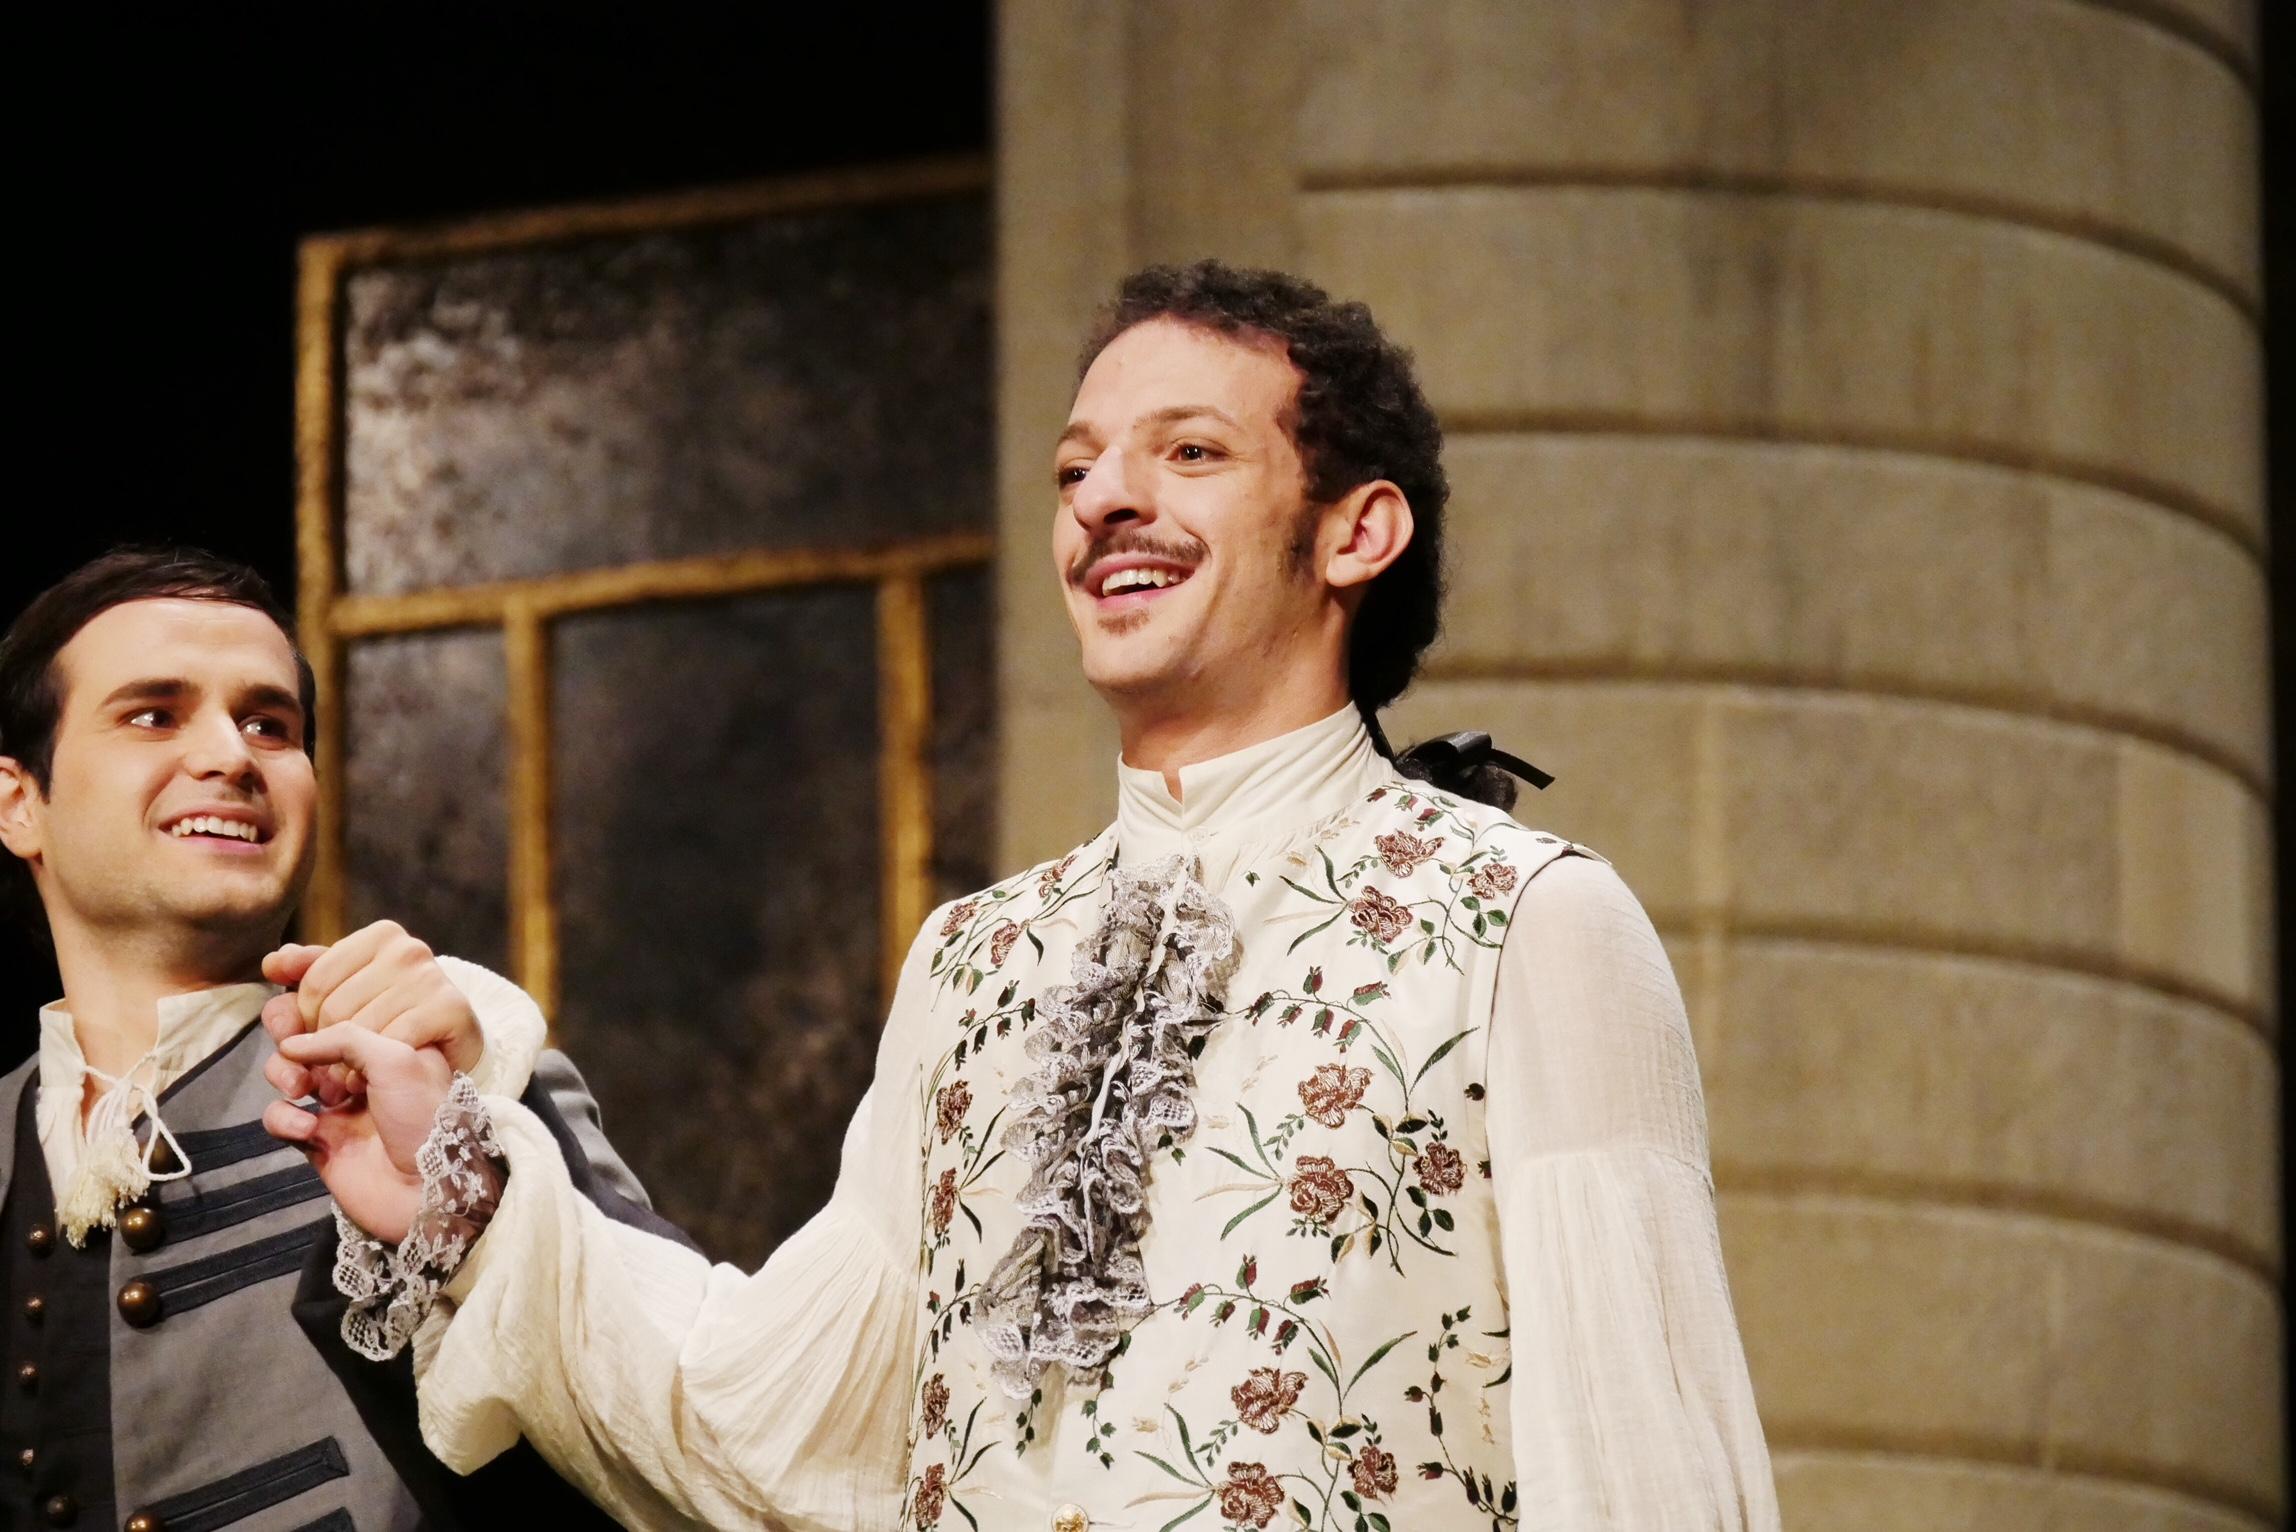 Théâtre Le Jeu de l'Amour et du Hasard à Riom le 19 octobre : Terra Volcana